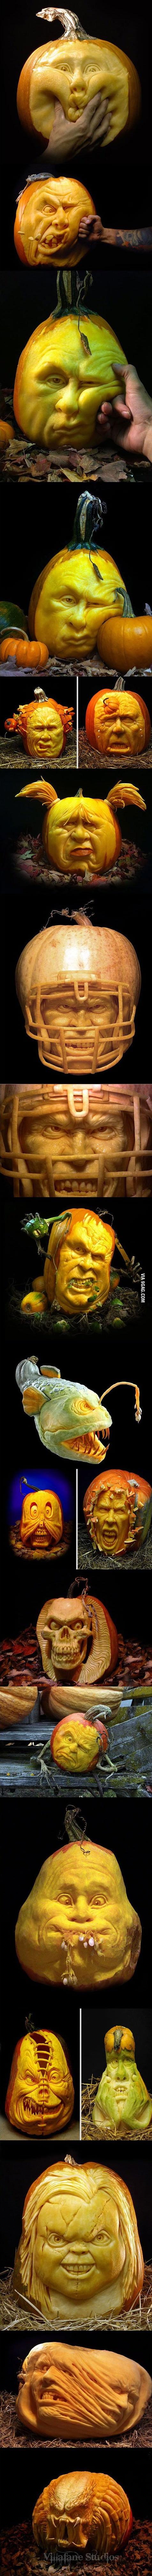 Brilliant Pumpkin Carving